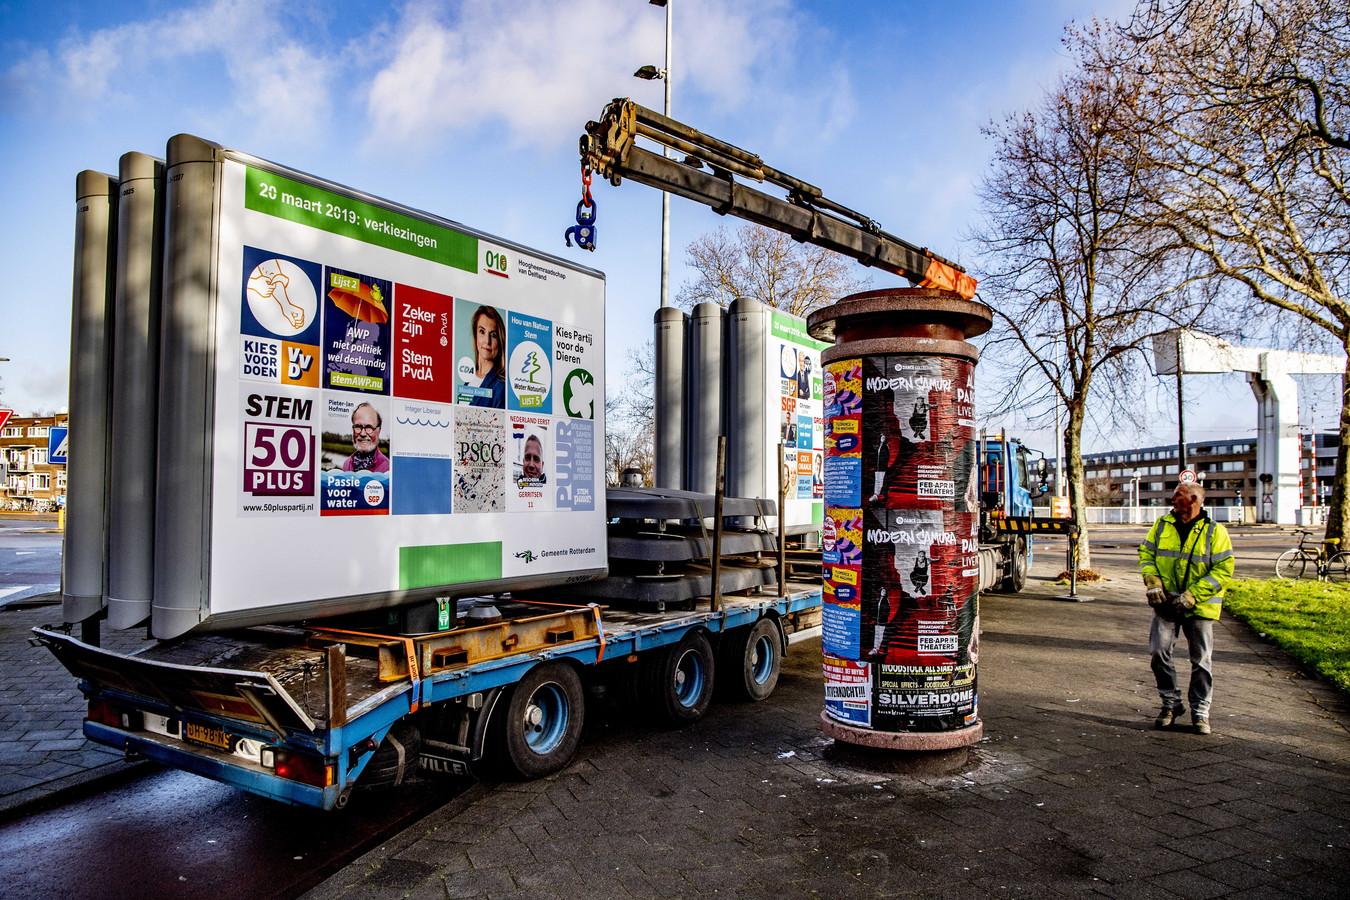 Verkiezingsborden worden geplaatst in Rotterdam voor de Provinciale Statenverkiezingen in 2019.